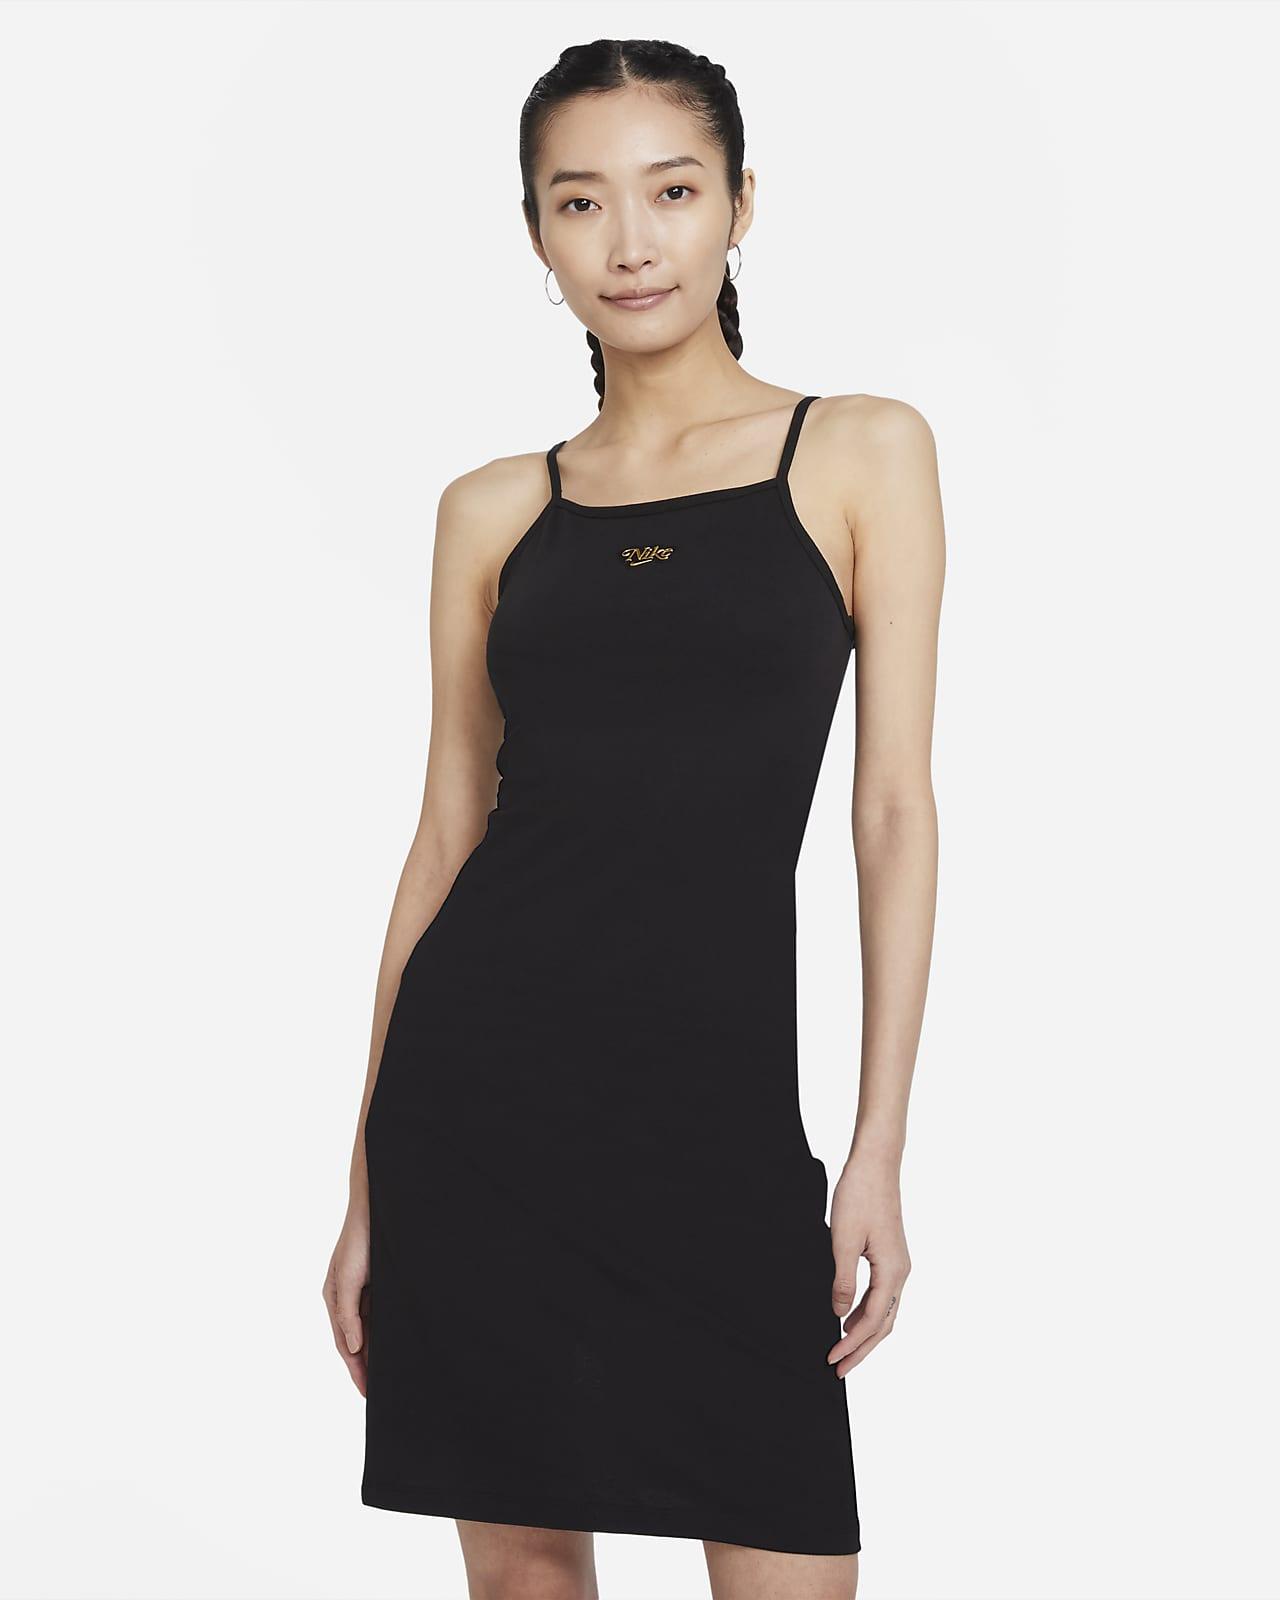 เดรสผู้หญิง Nike Sportswear Femme